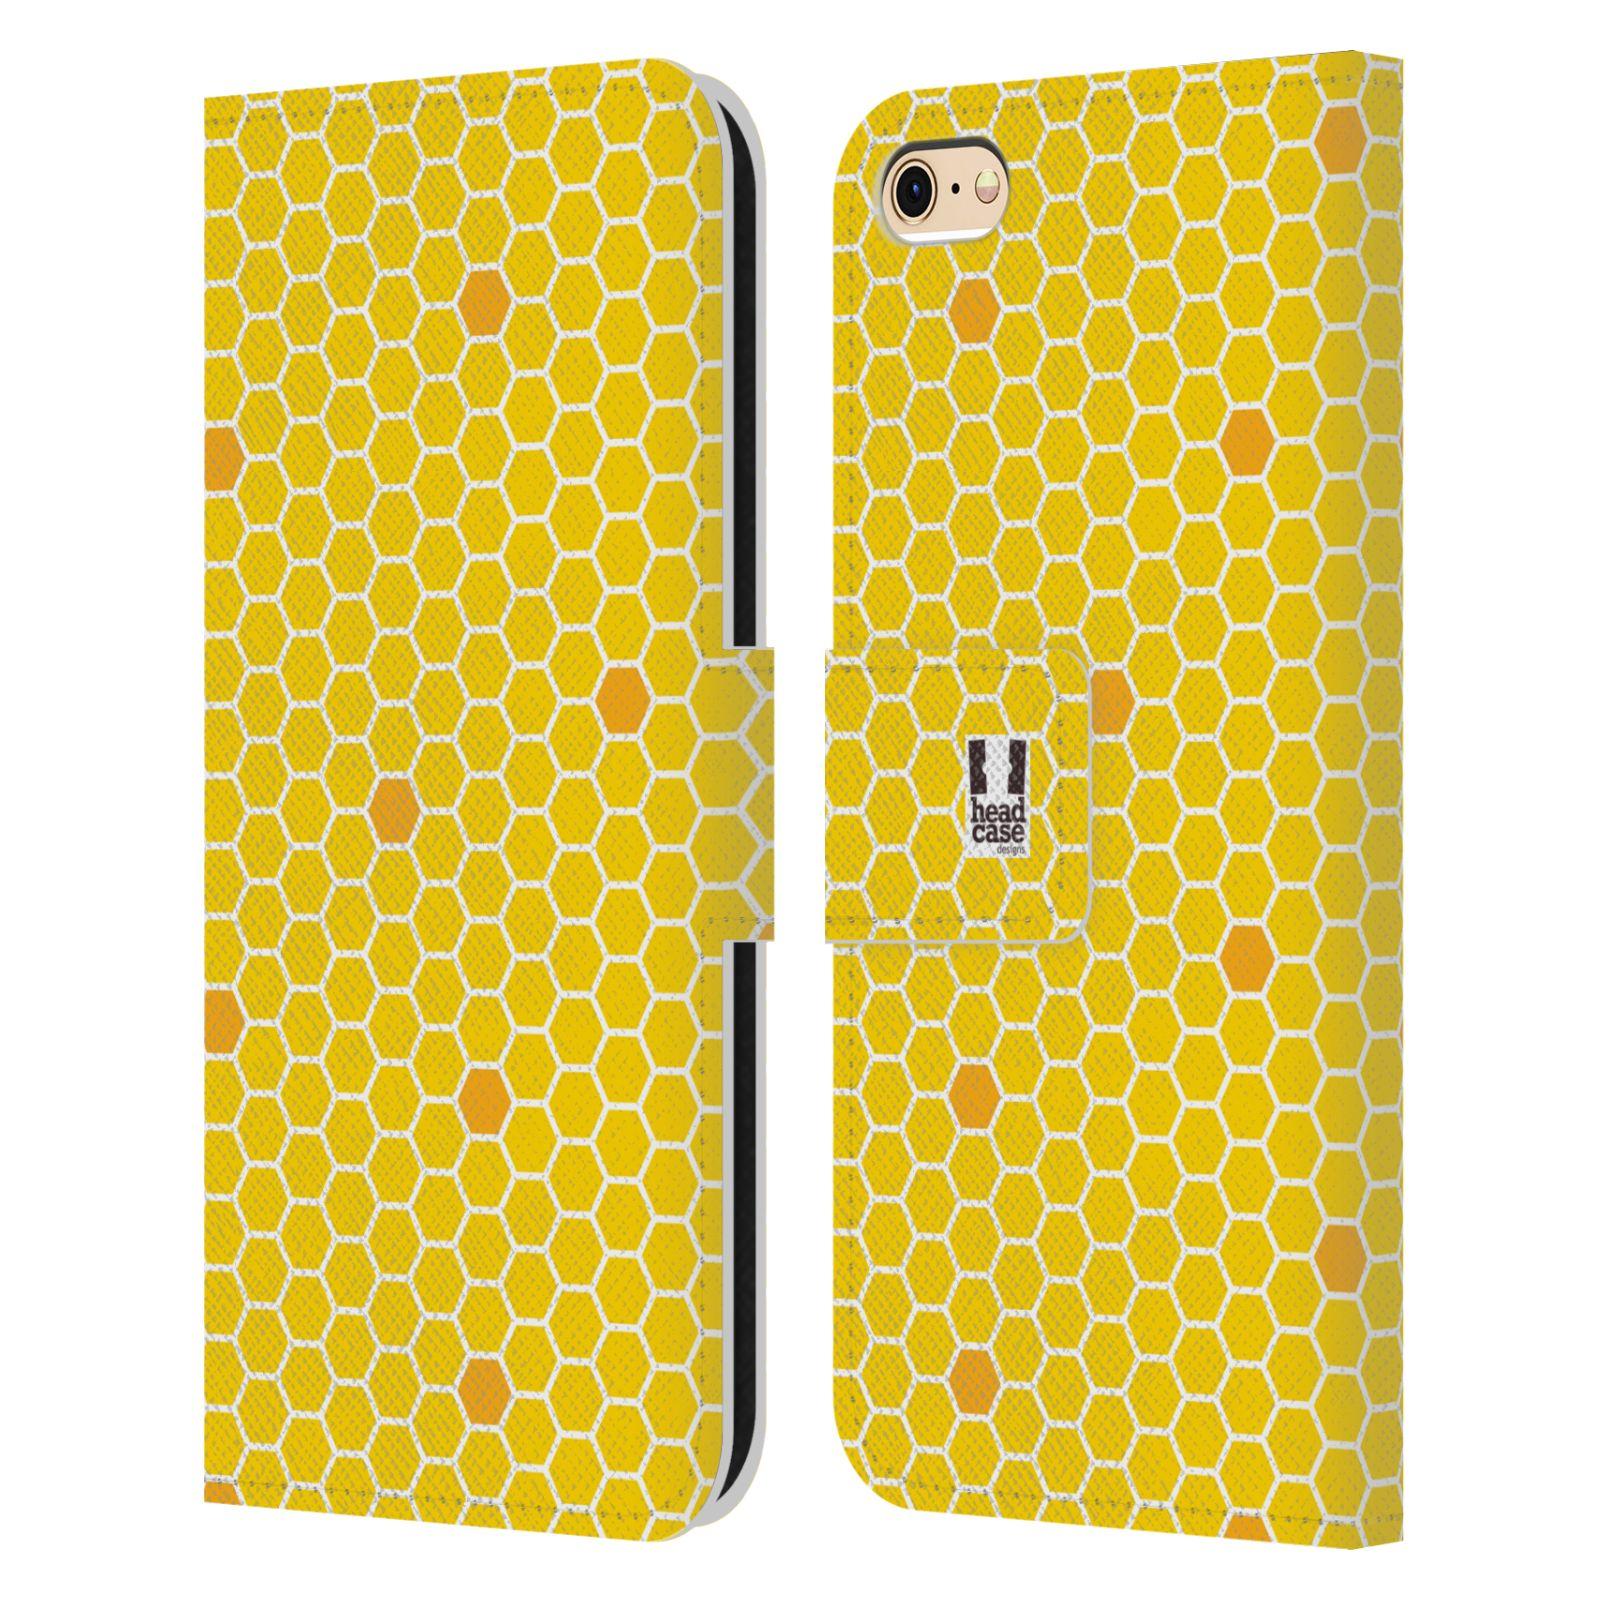 HEAD CASE Flipové pouzdro pro mobil Apple Iphone 6/6s VČELÍ VZOR plástev žlutá